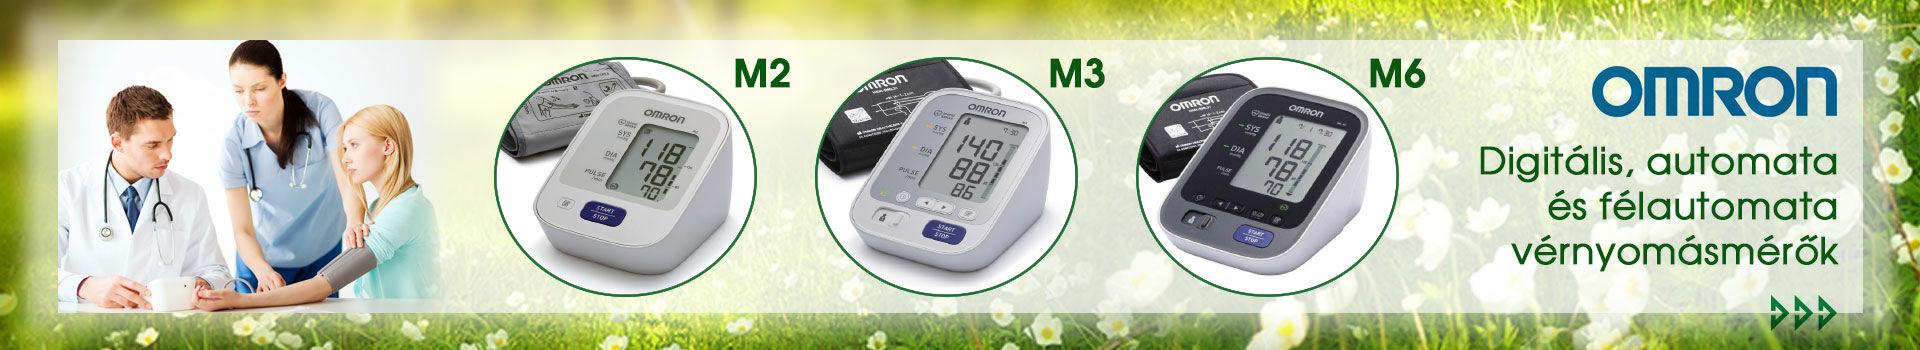 Omron vérnyomásmérők új